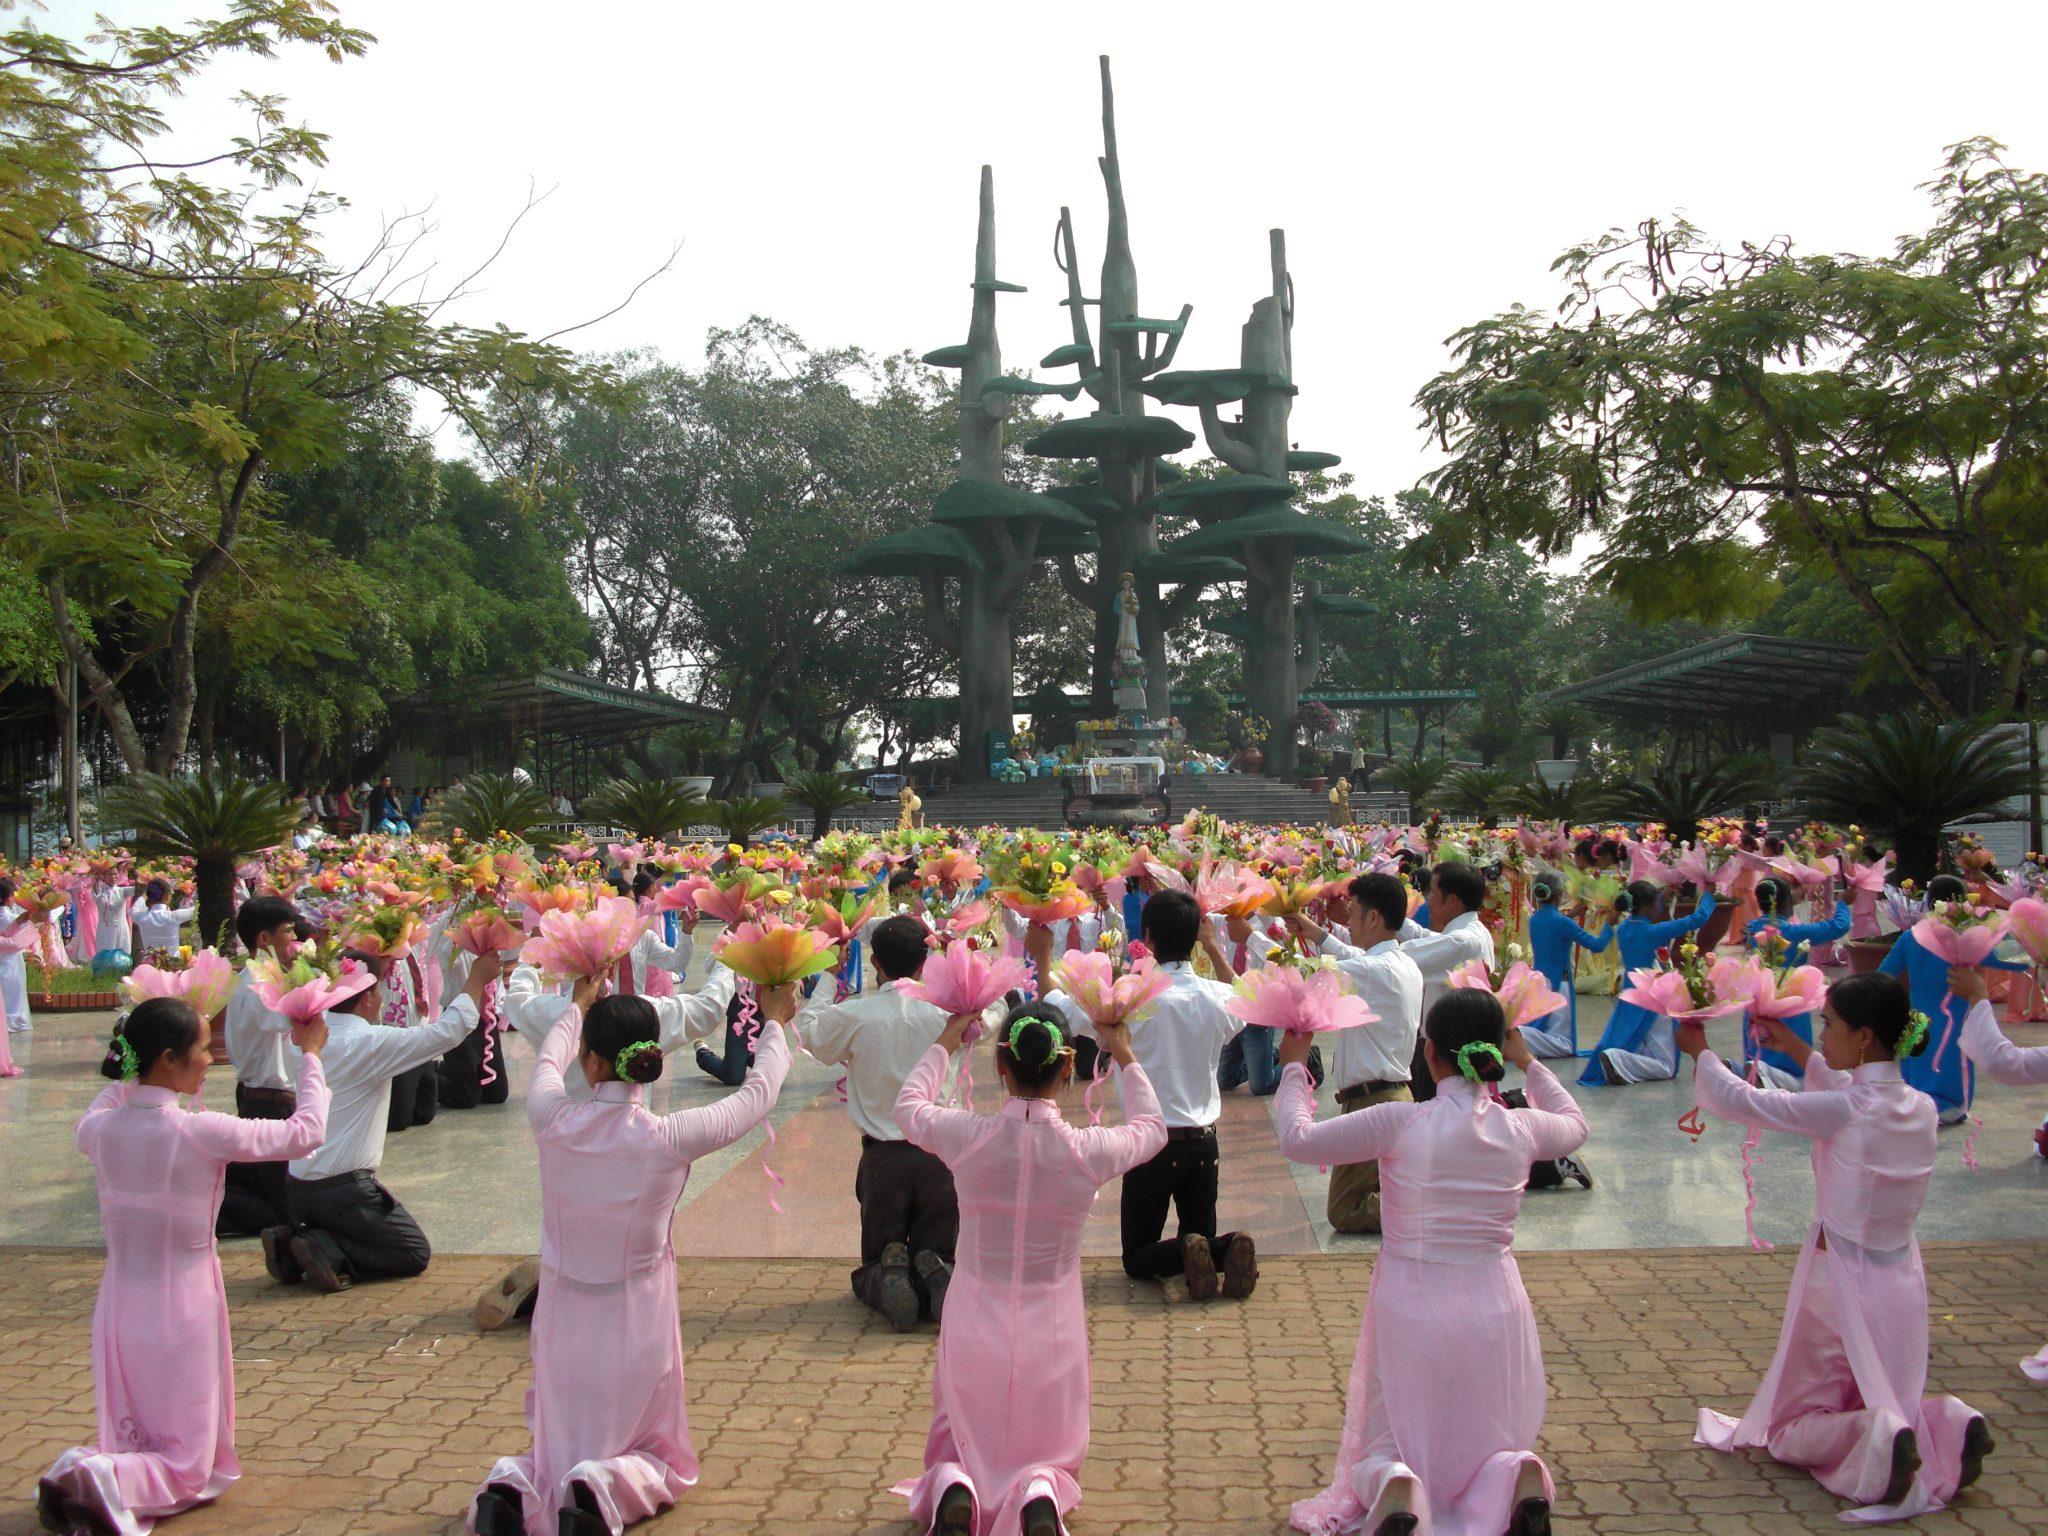 Thông báo: Khai mạc Tháng Hoa tại Trung Tâm Hành Hương Đức Mẹ La Vang